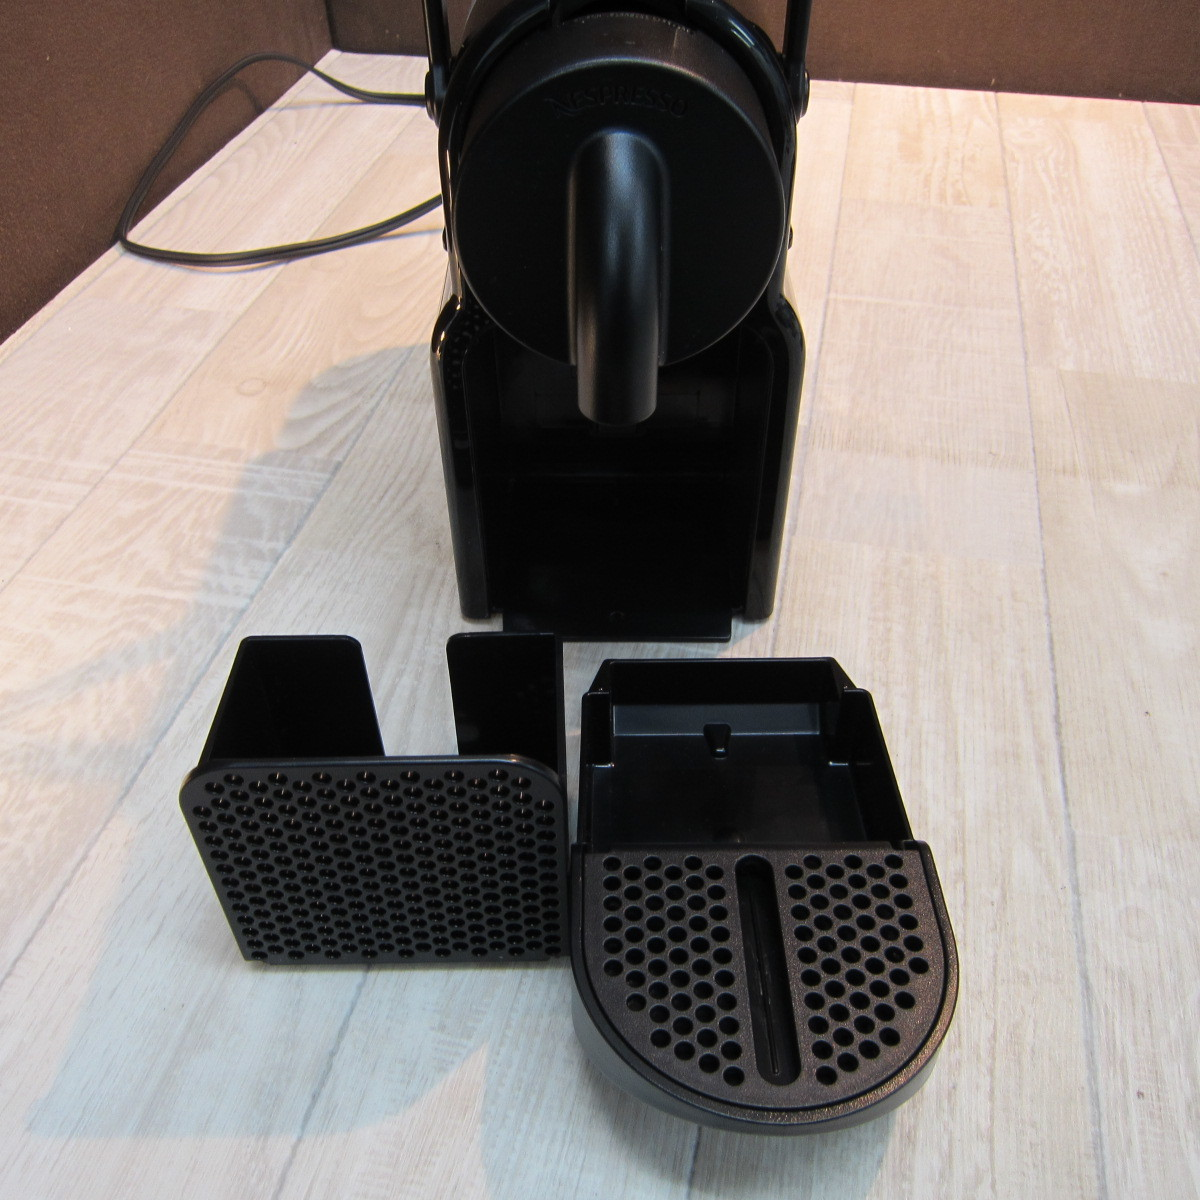 C6249【中古品】ネスプレッソ コーヒーメーカー イニッシア ブラック D40BK 4カップ以下